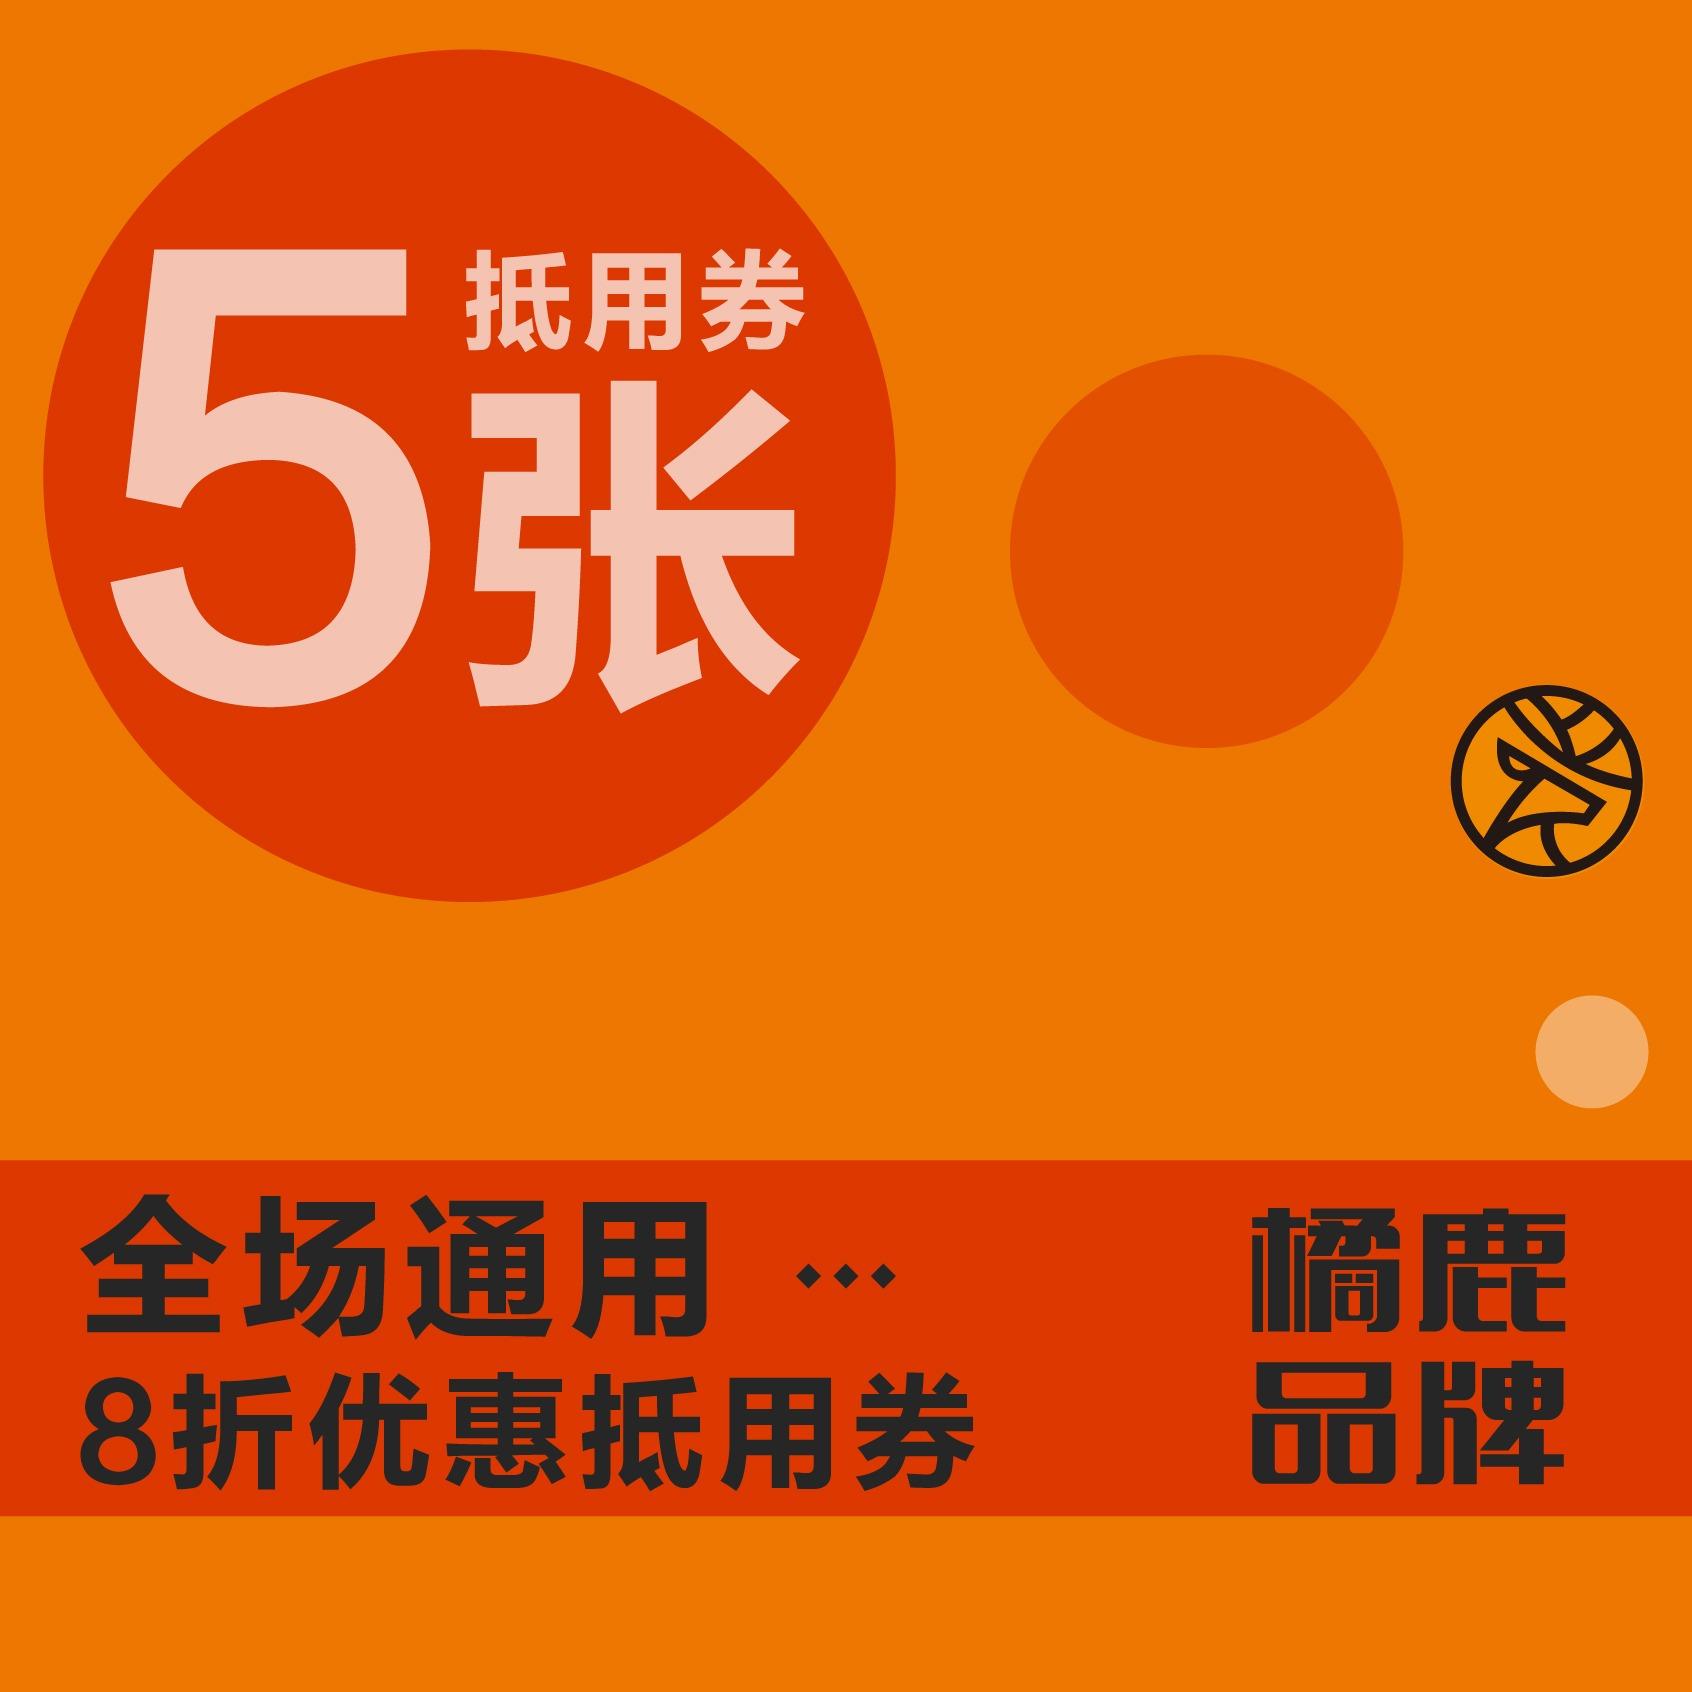 【橘鹿品牌】1000元5张抵用优惠券,全场通用,不限日期